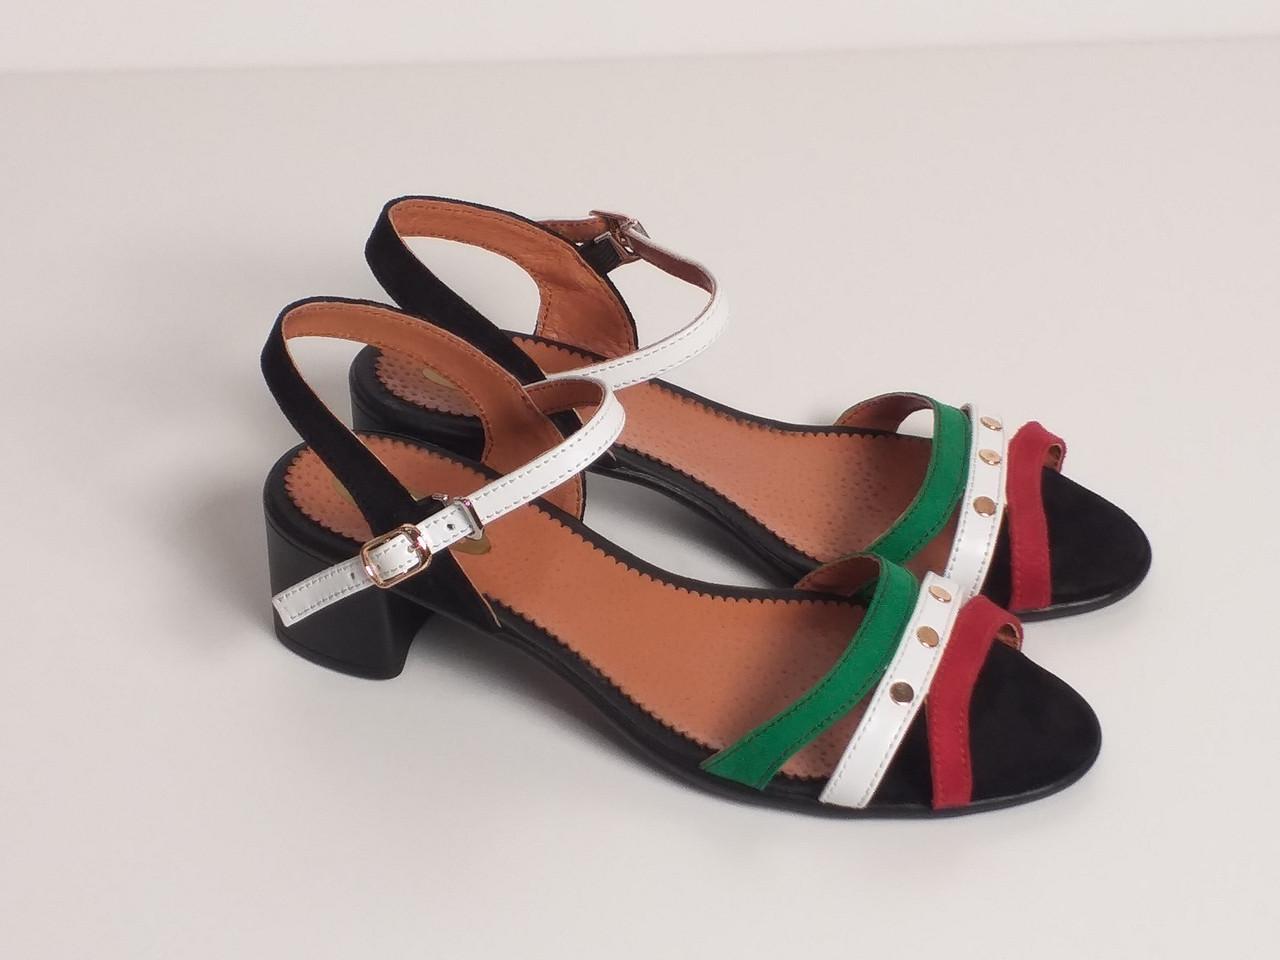 Босоножки с закрытой пяткой на каблуке красные разноцветные  р.36-40